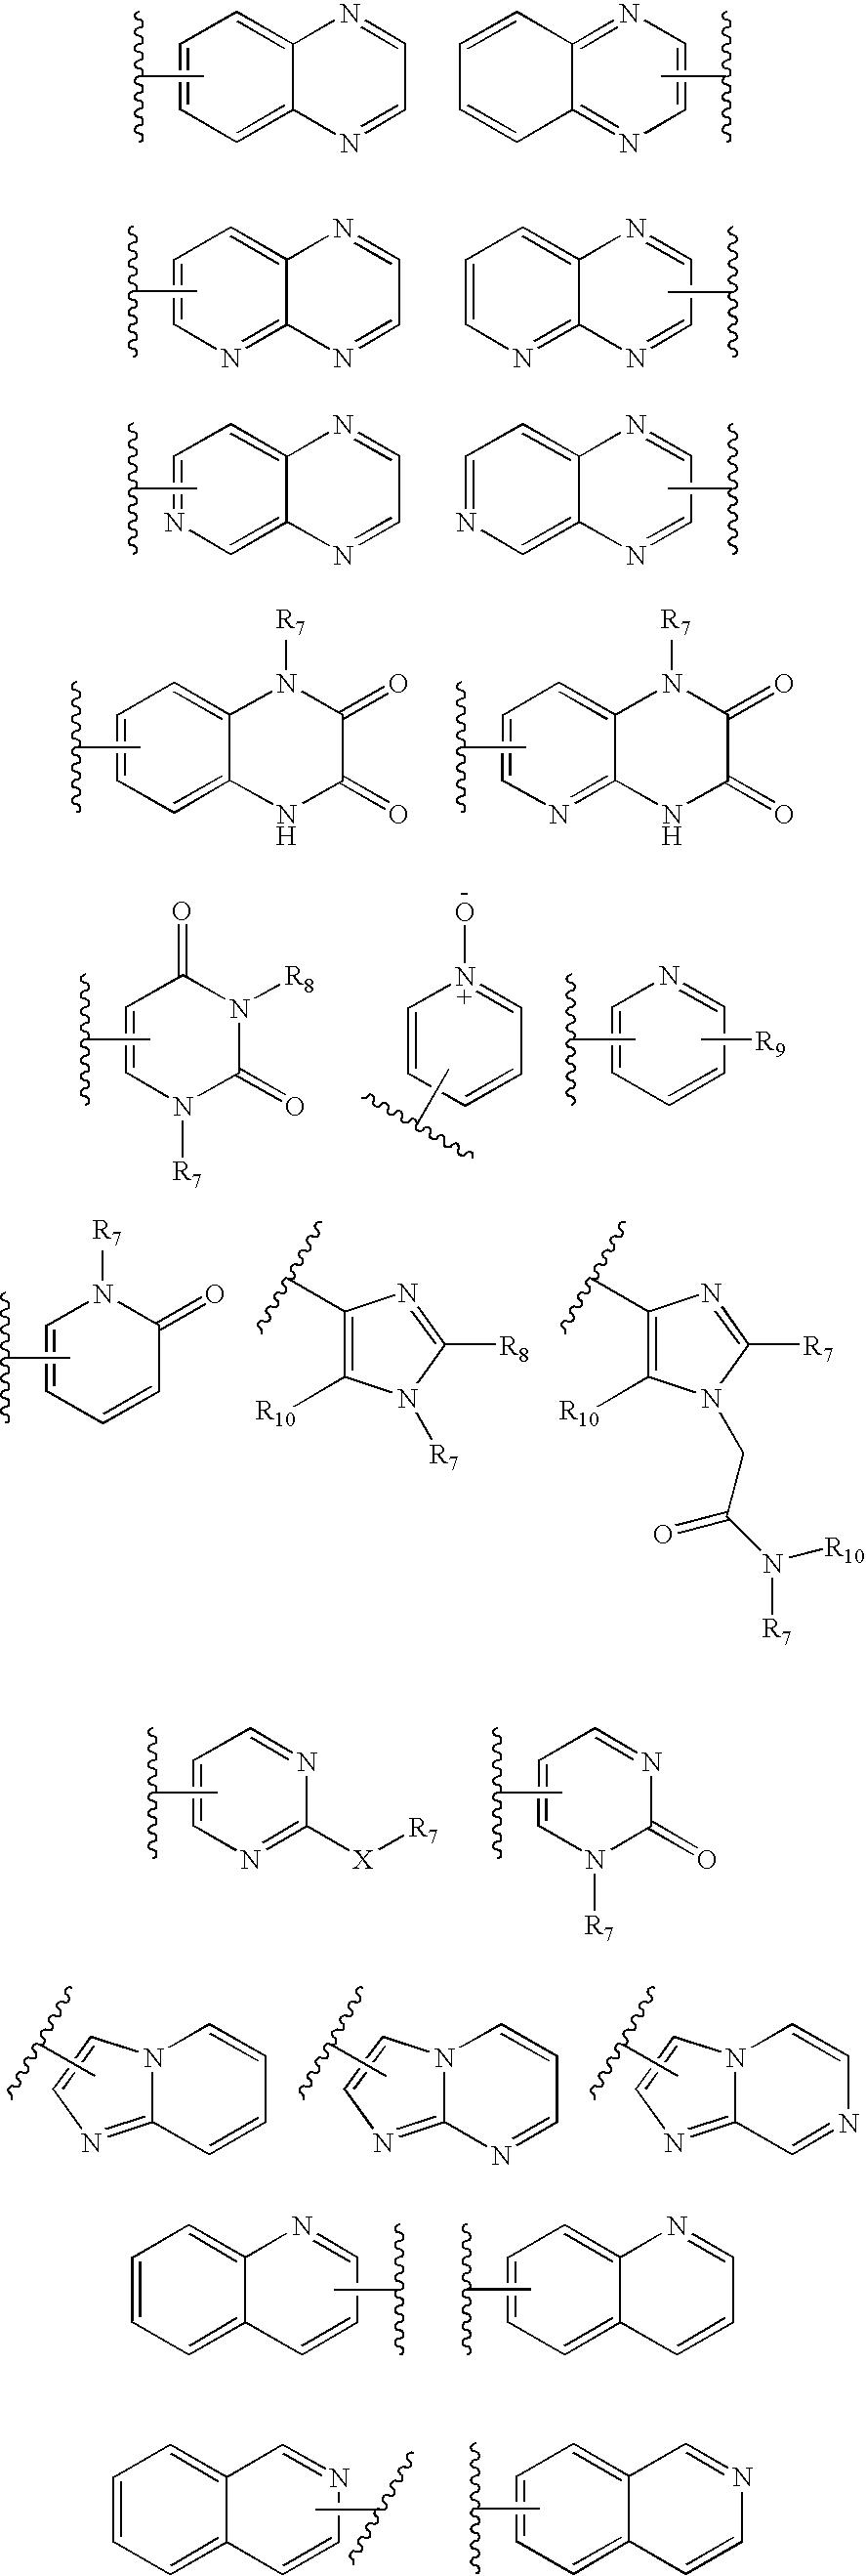 Figure US07531542-20090512-C00150